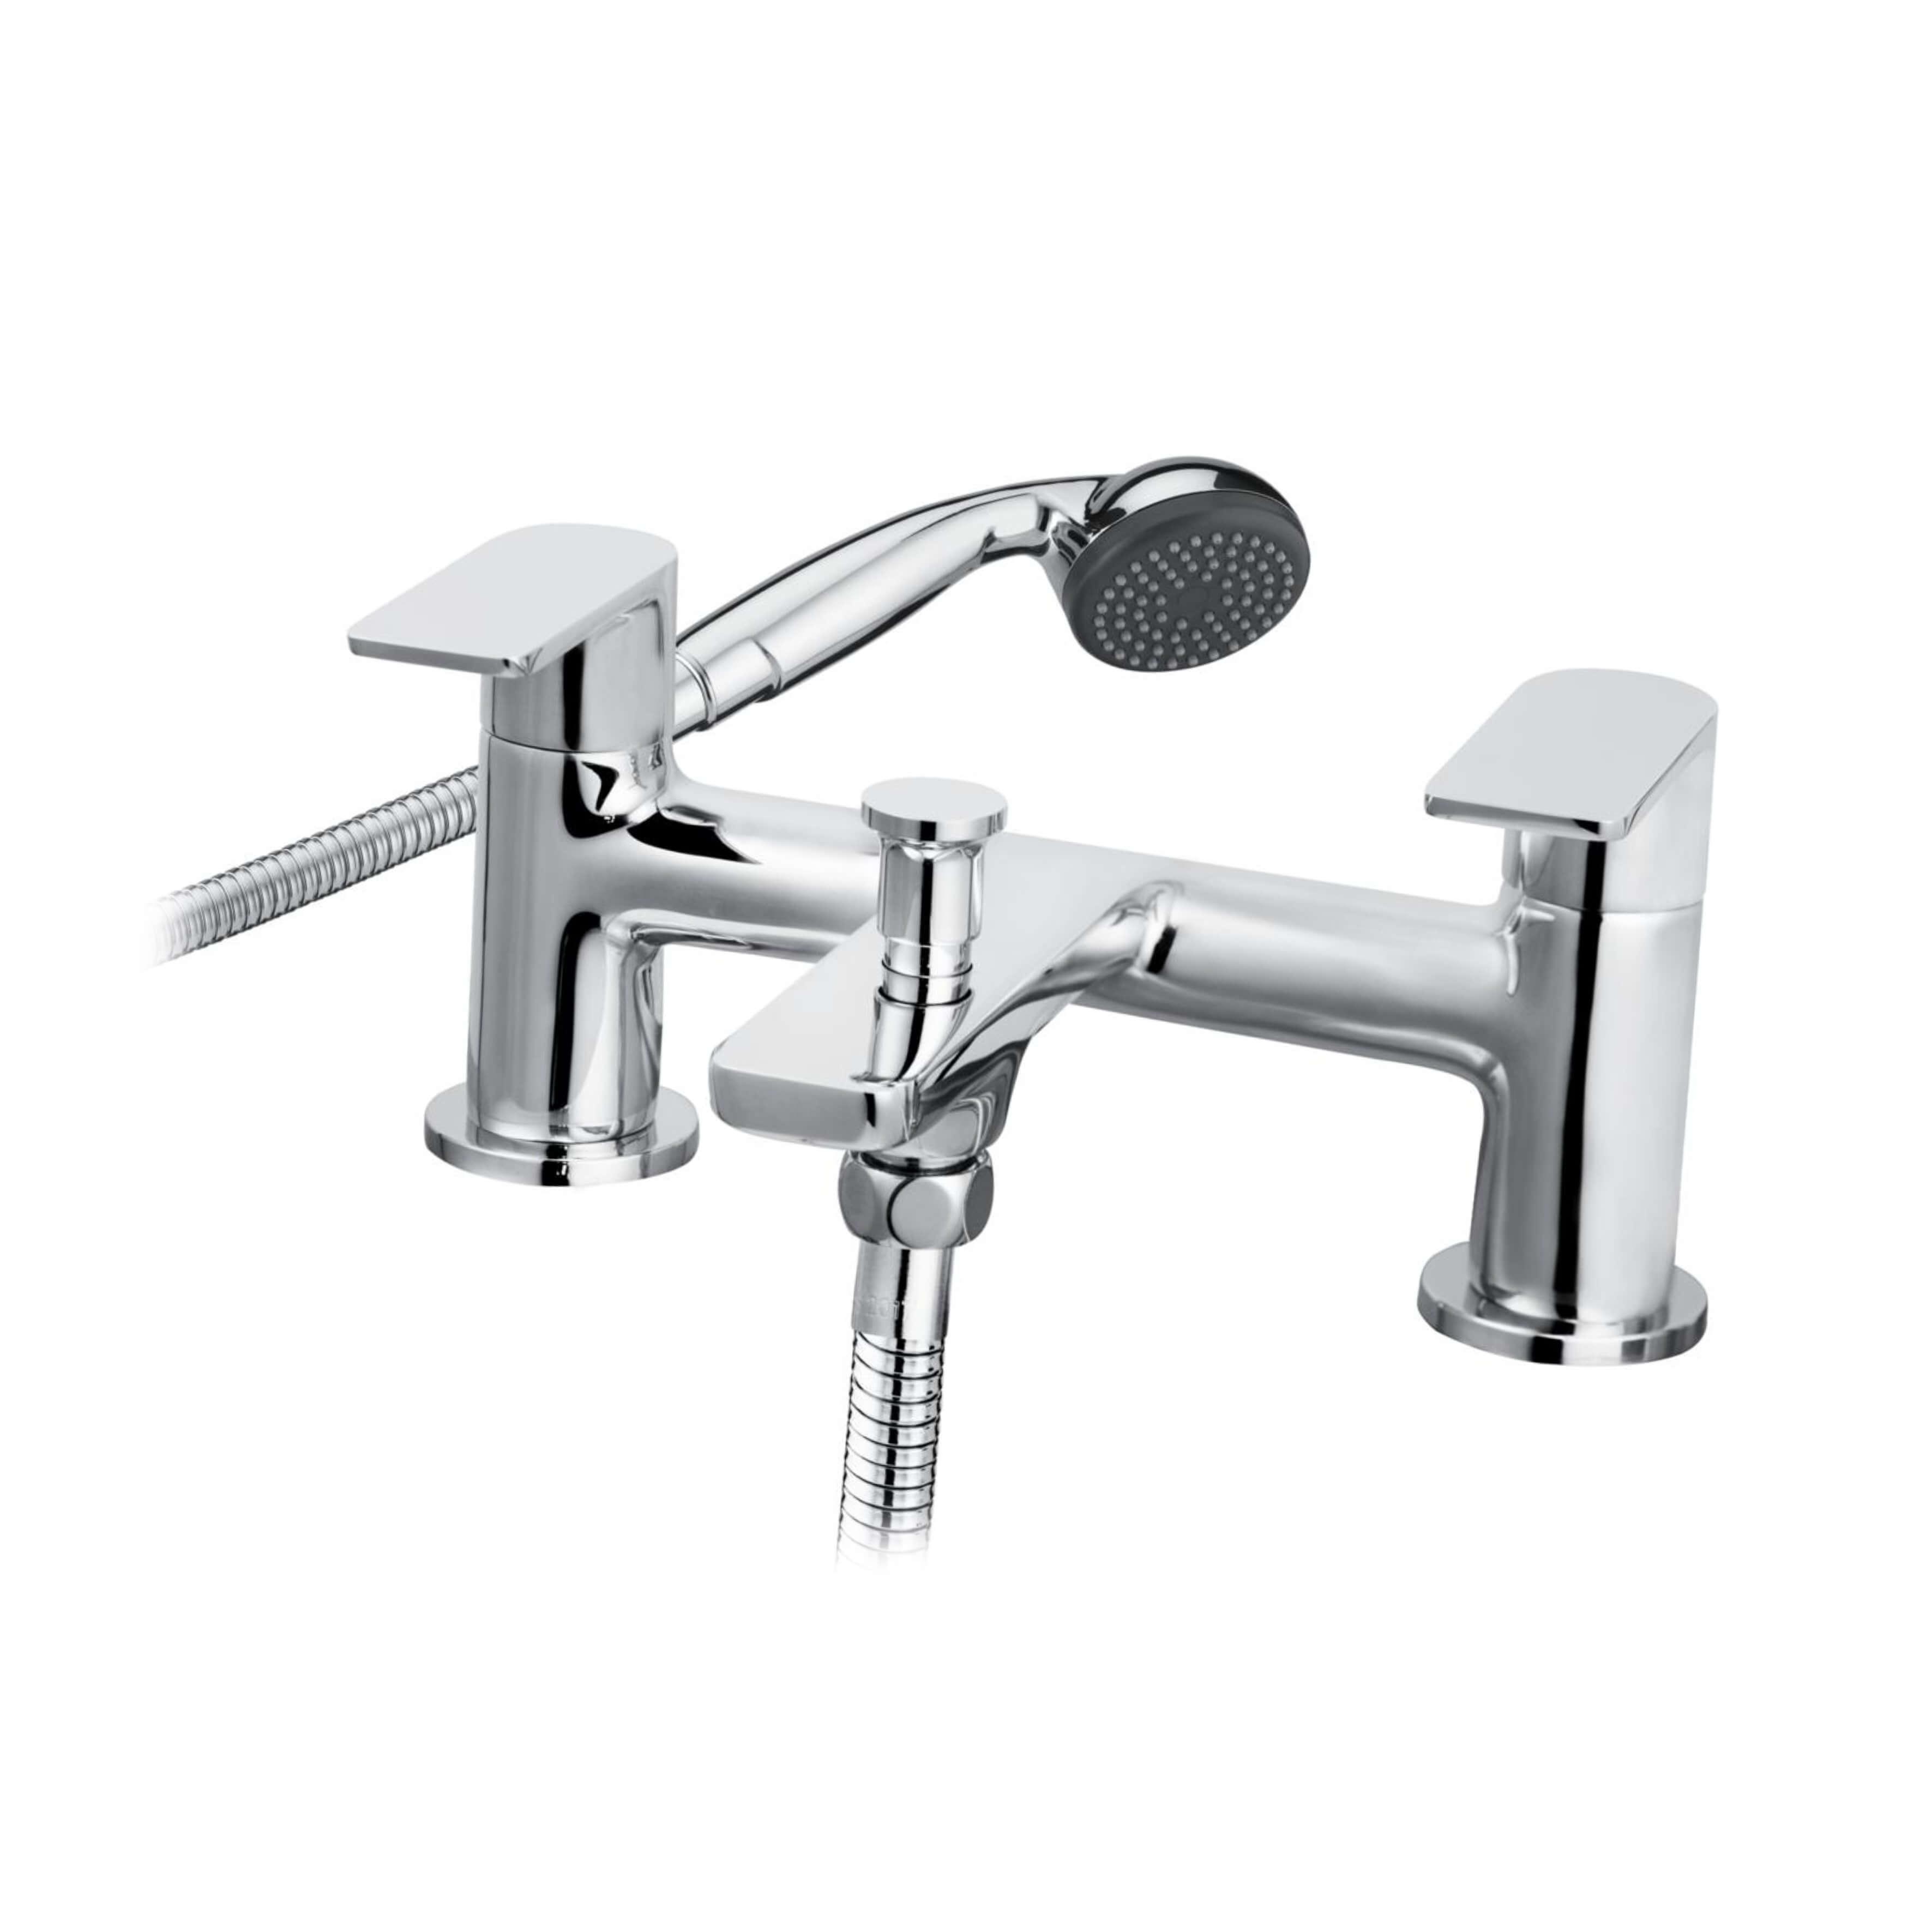 Cascade Trapeze Bath Shower Mixer Chrome 008.21913.3